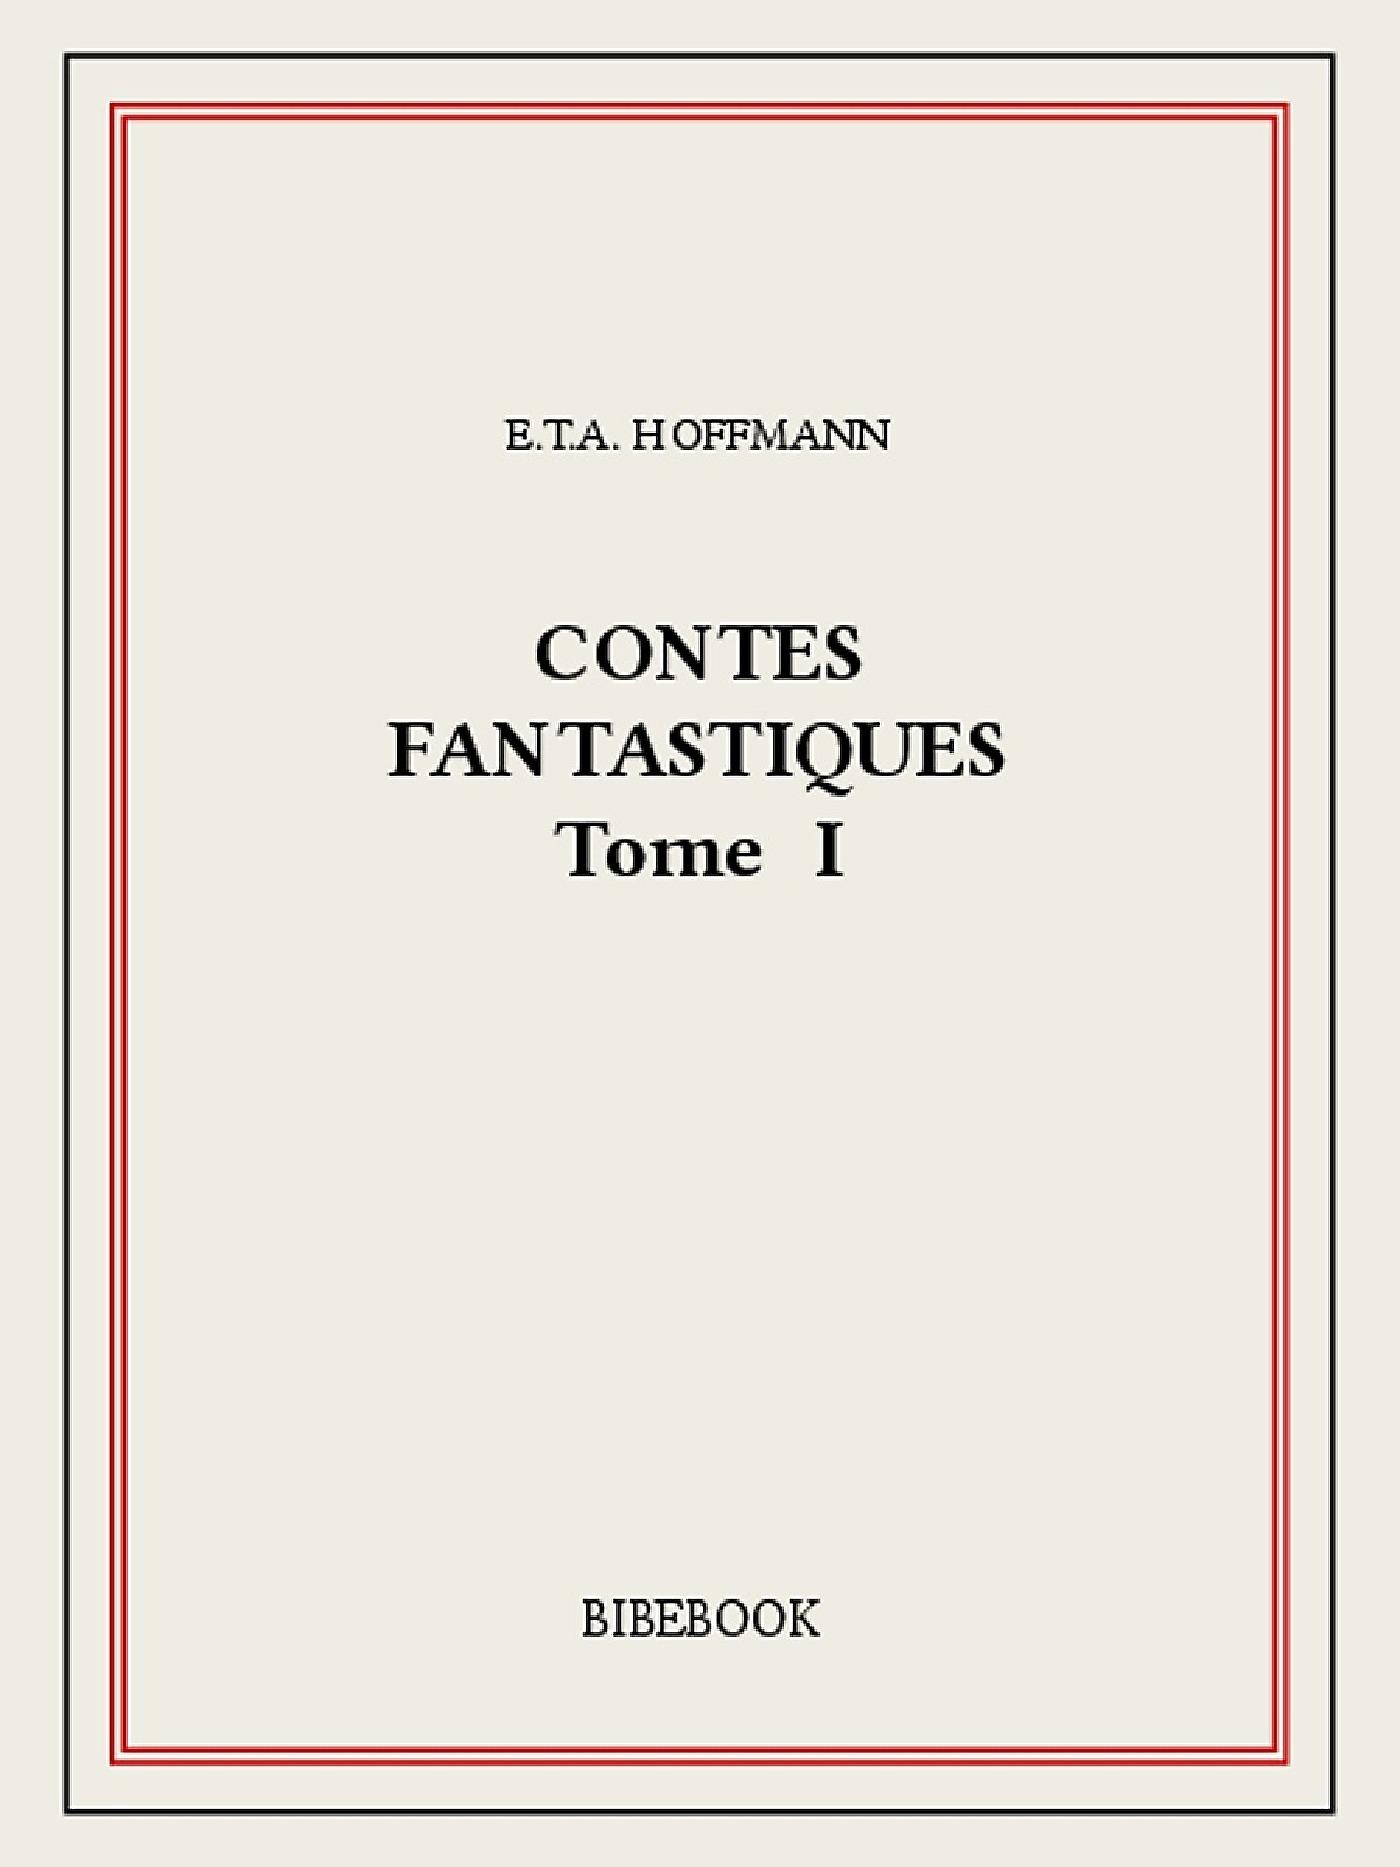 Contes fantastiques I